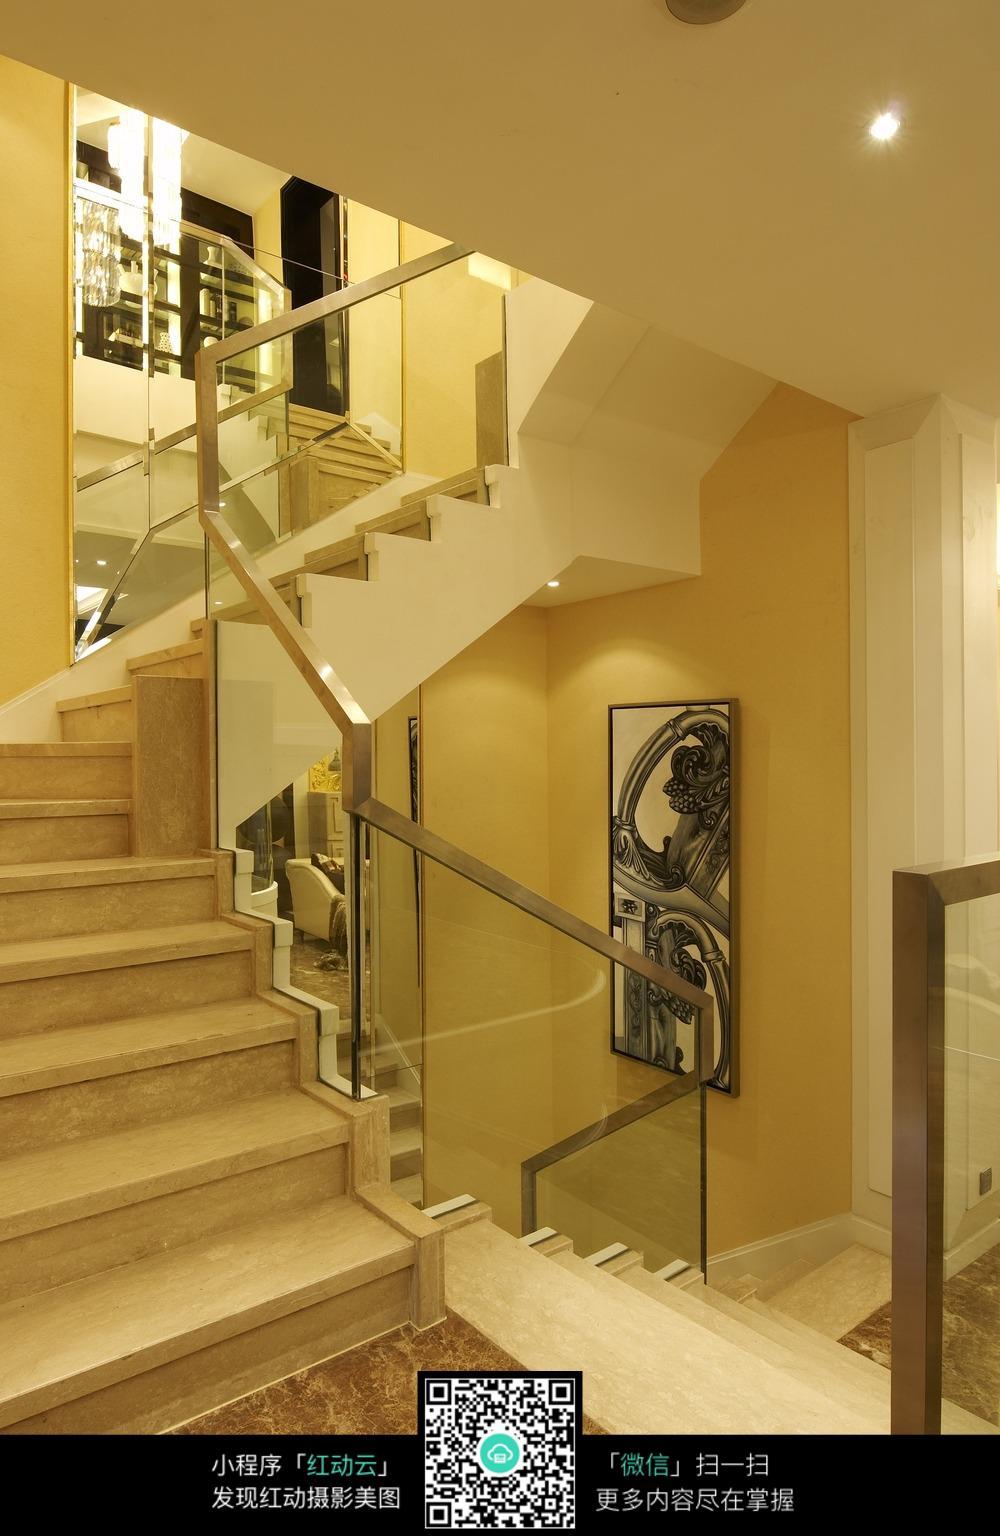 鹅黄色温馨楼梯转角装修效果图